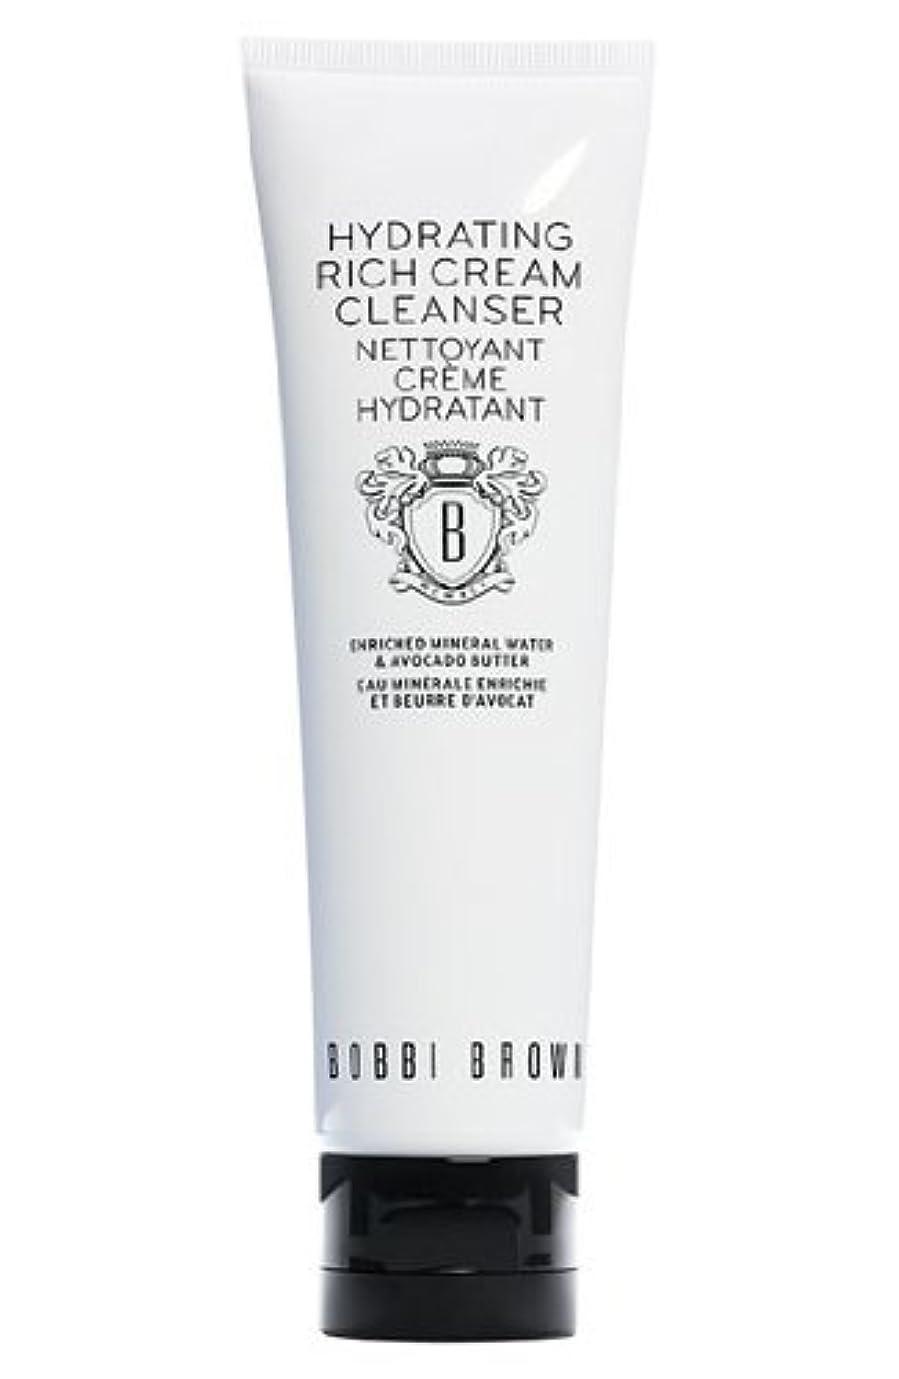 名目上のディーラー準備するBobbi Brown Hydrating Rich Cream Cleanser (ボビーブラウン ハイドレイティングリッチクリームクレンザー) 4.2 oz (126ml)